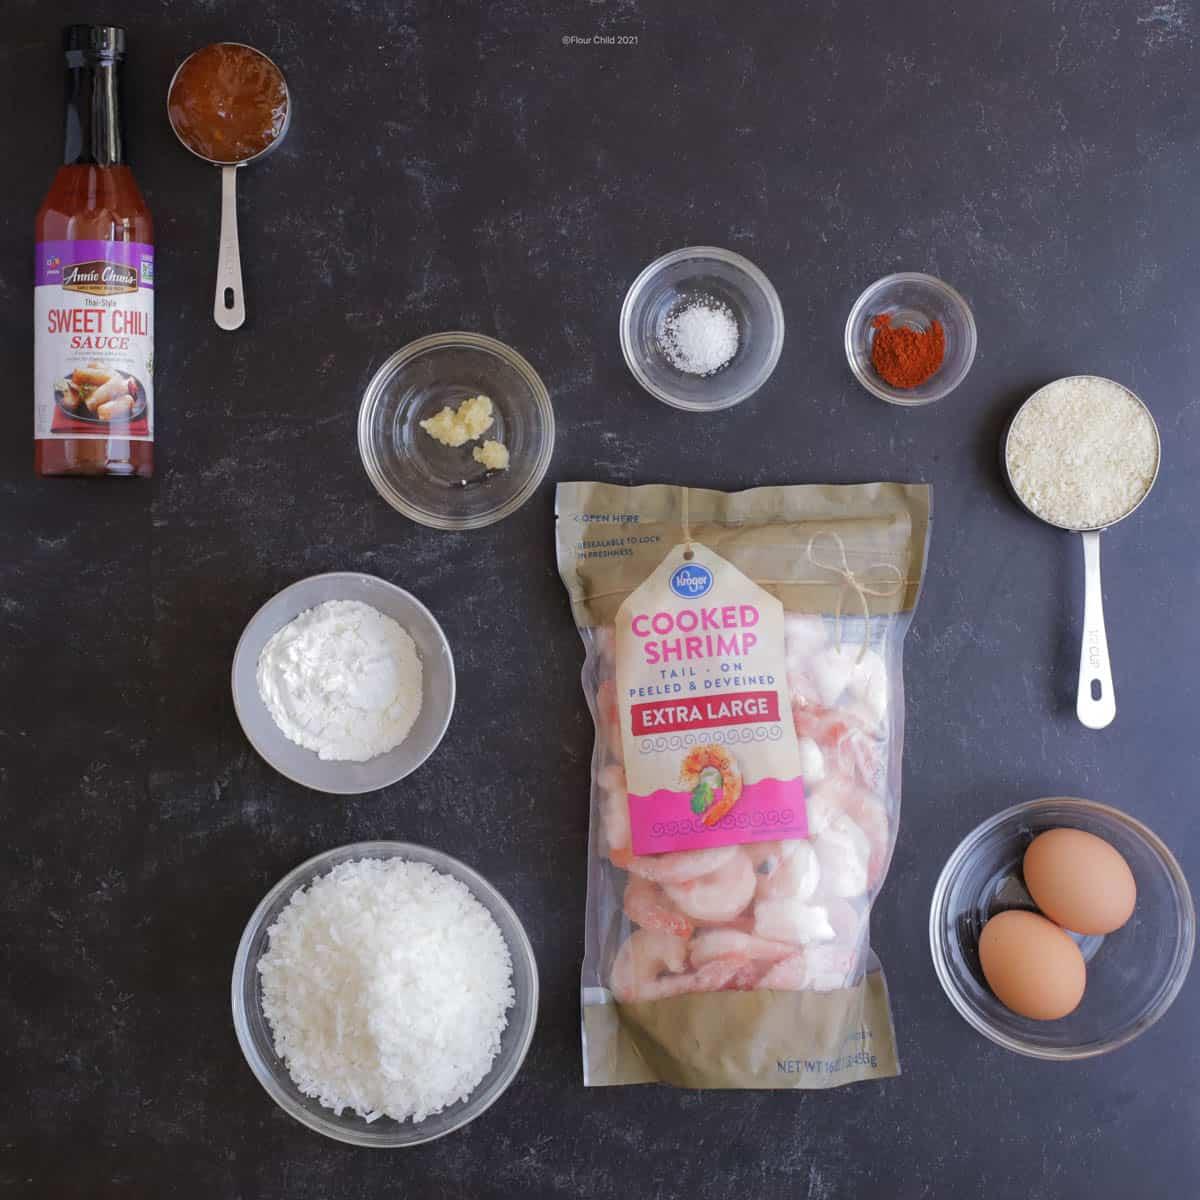 Ingredients for baked coconut shrimp